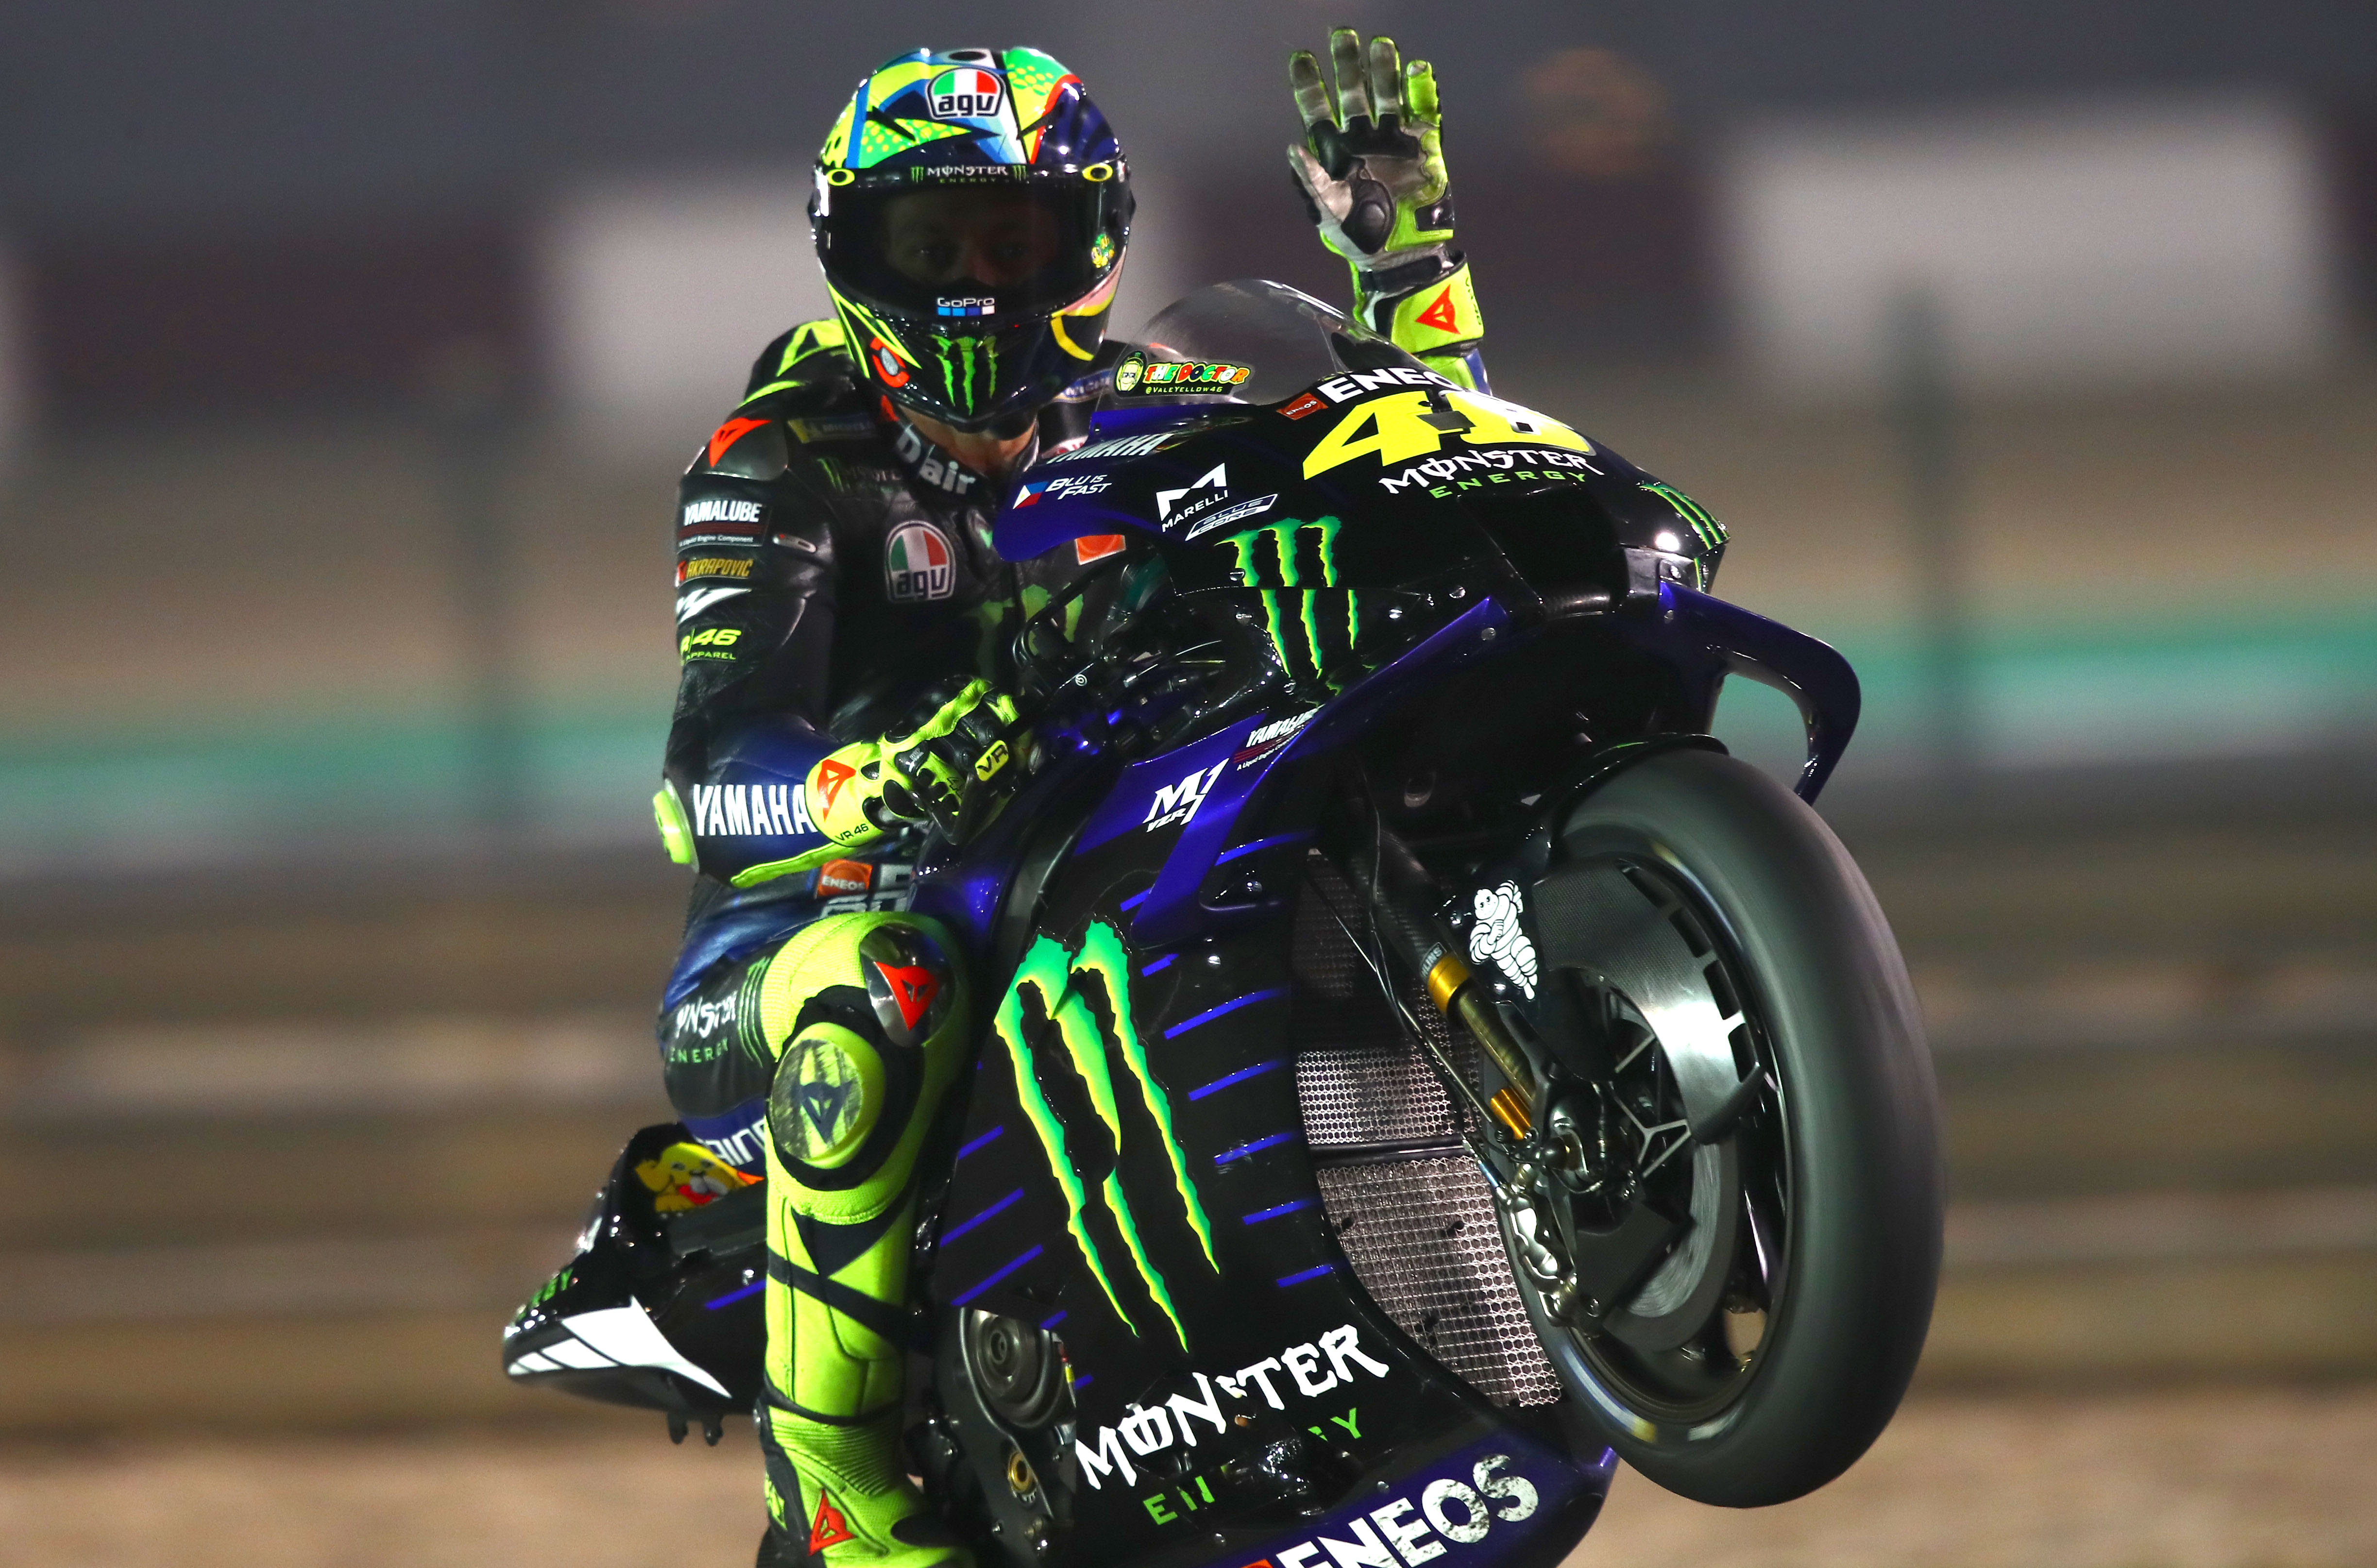 Valentino Rossi Yamaha Qatar MotoGP testing 2020